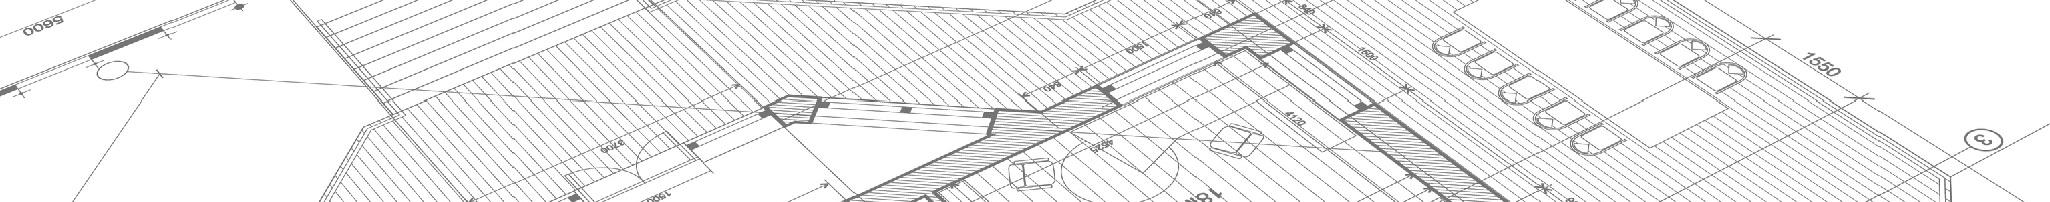 Architekten Bauplanung - Hausplanung